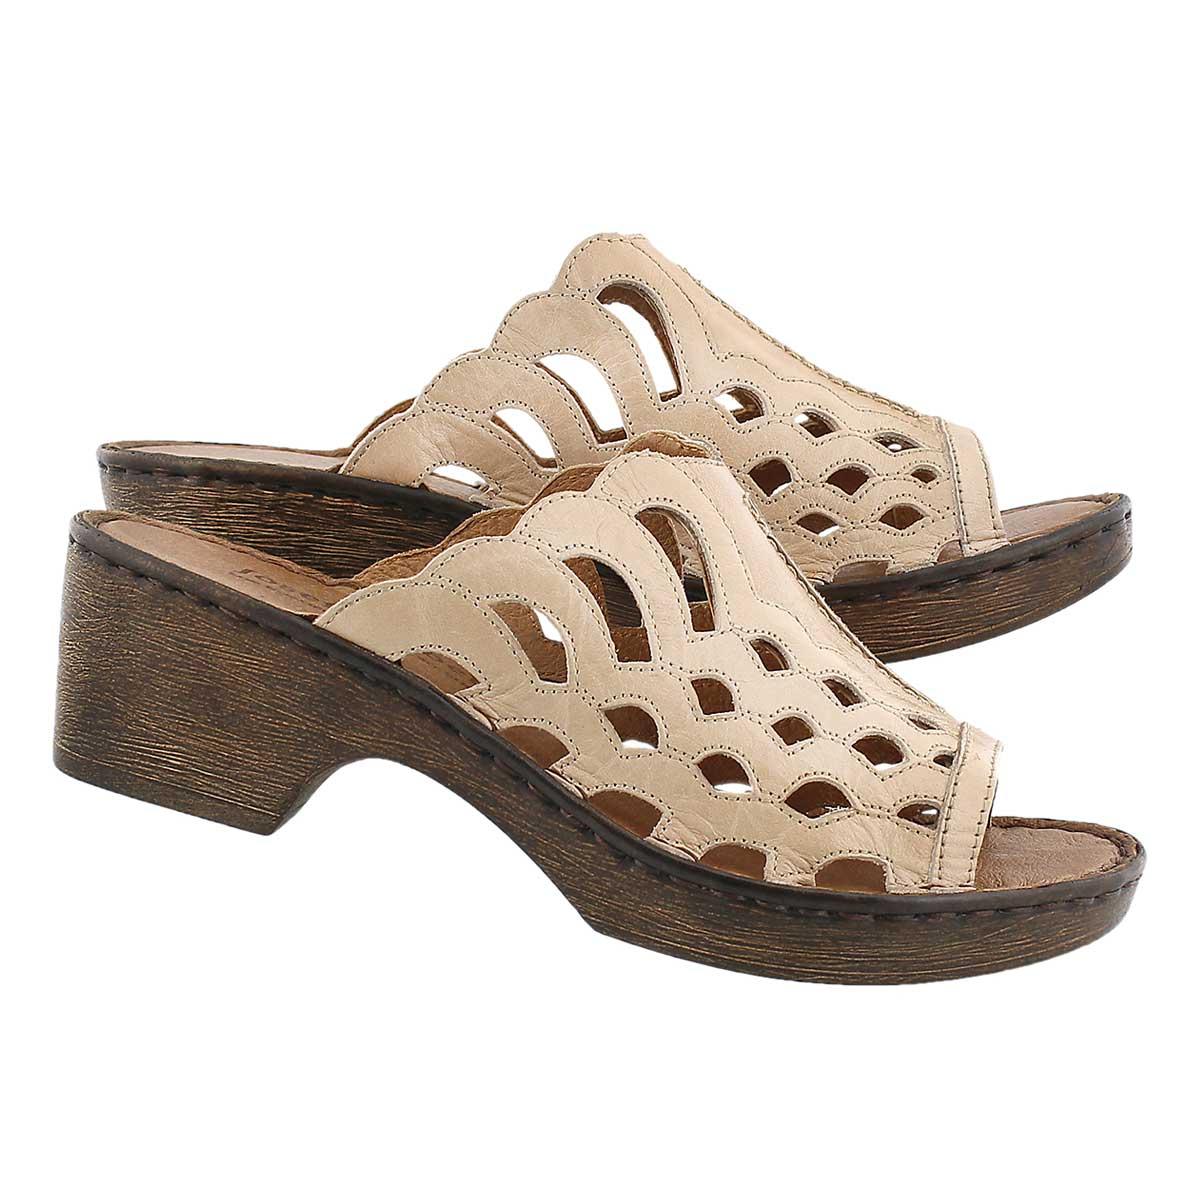 Sandale habillée Rebecca 23, beige, fem